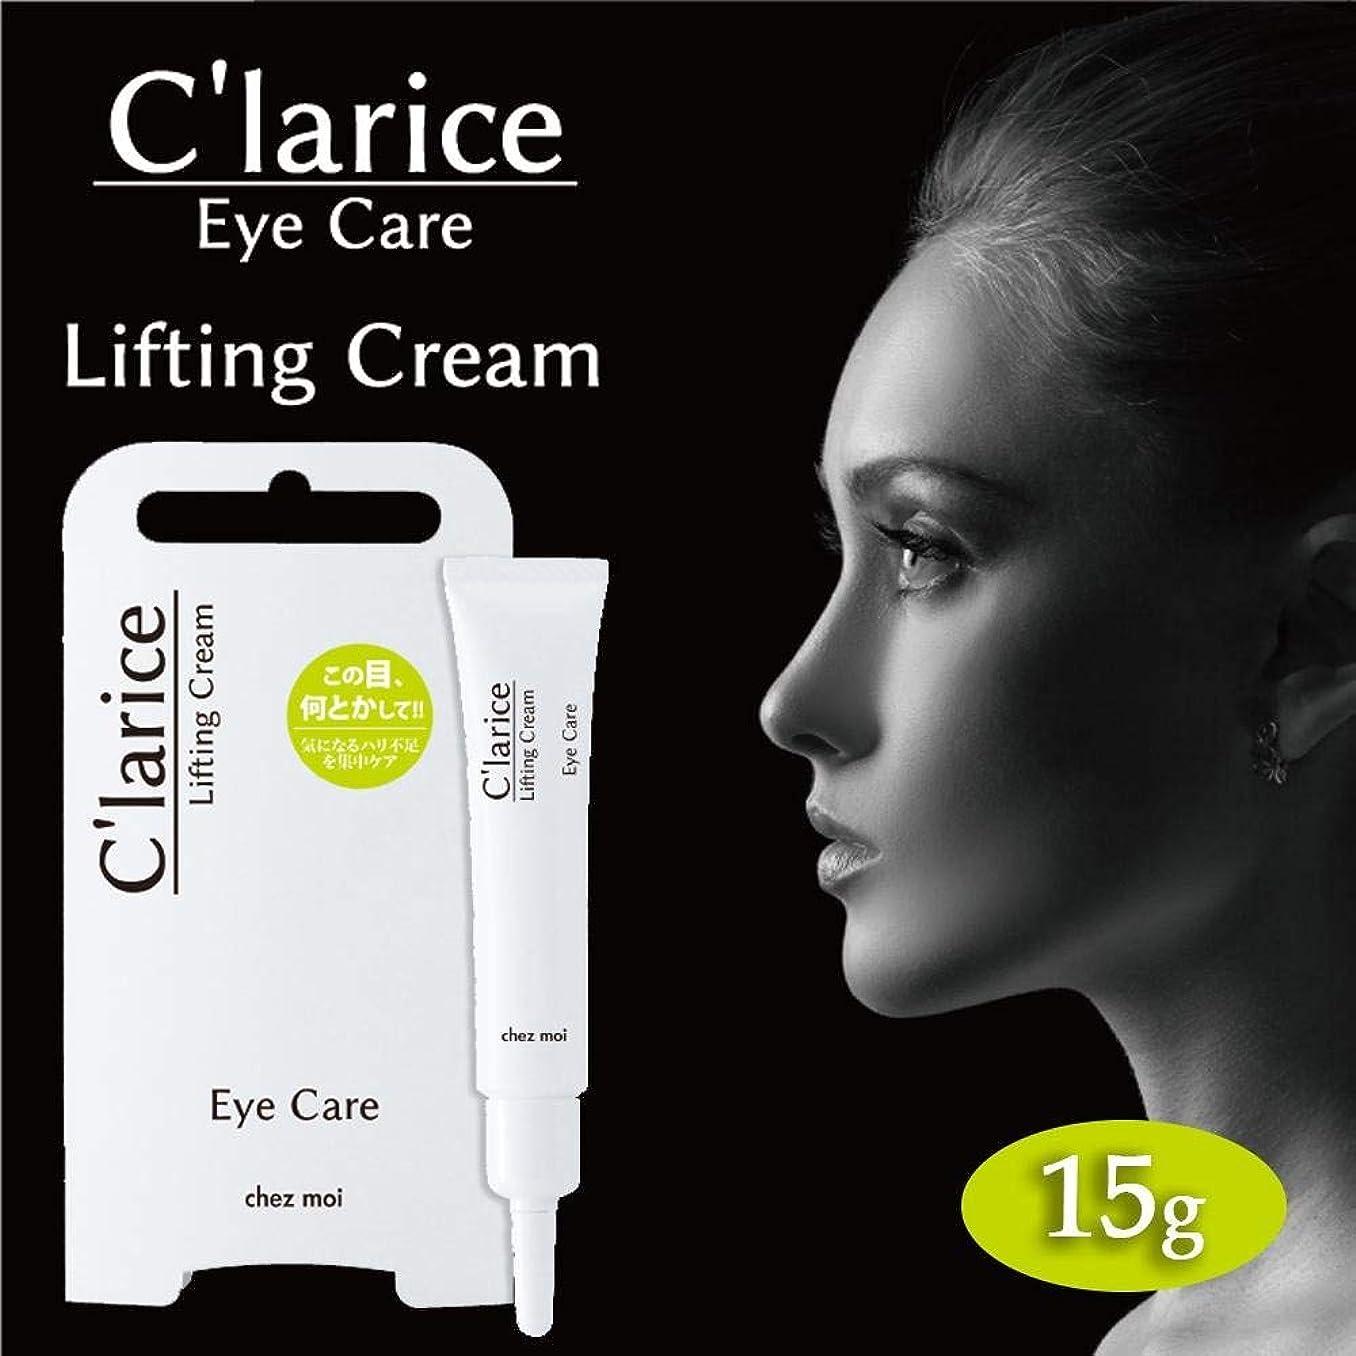 残る遺棄された切手C'larice(クラリス) Eye Care ‐Lifting Cream‐(リフティングクリーム) 15g